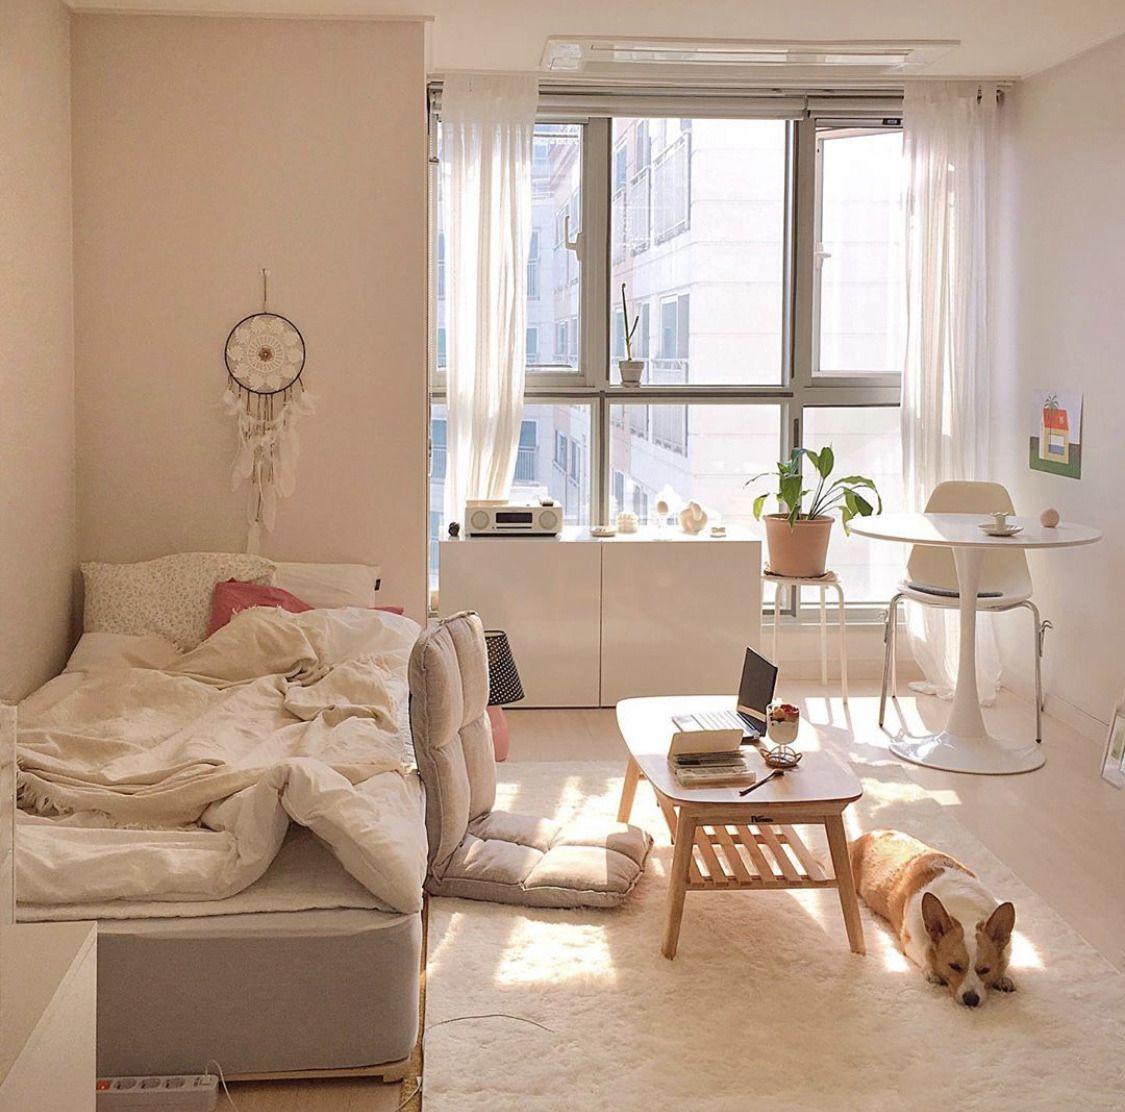 Using a Minimalist Furniture